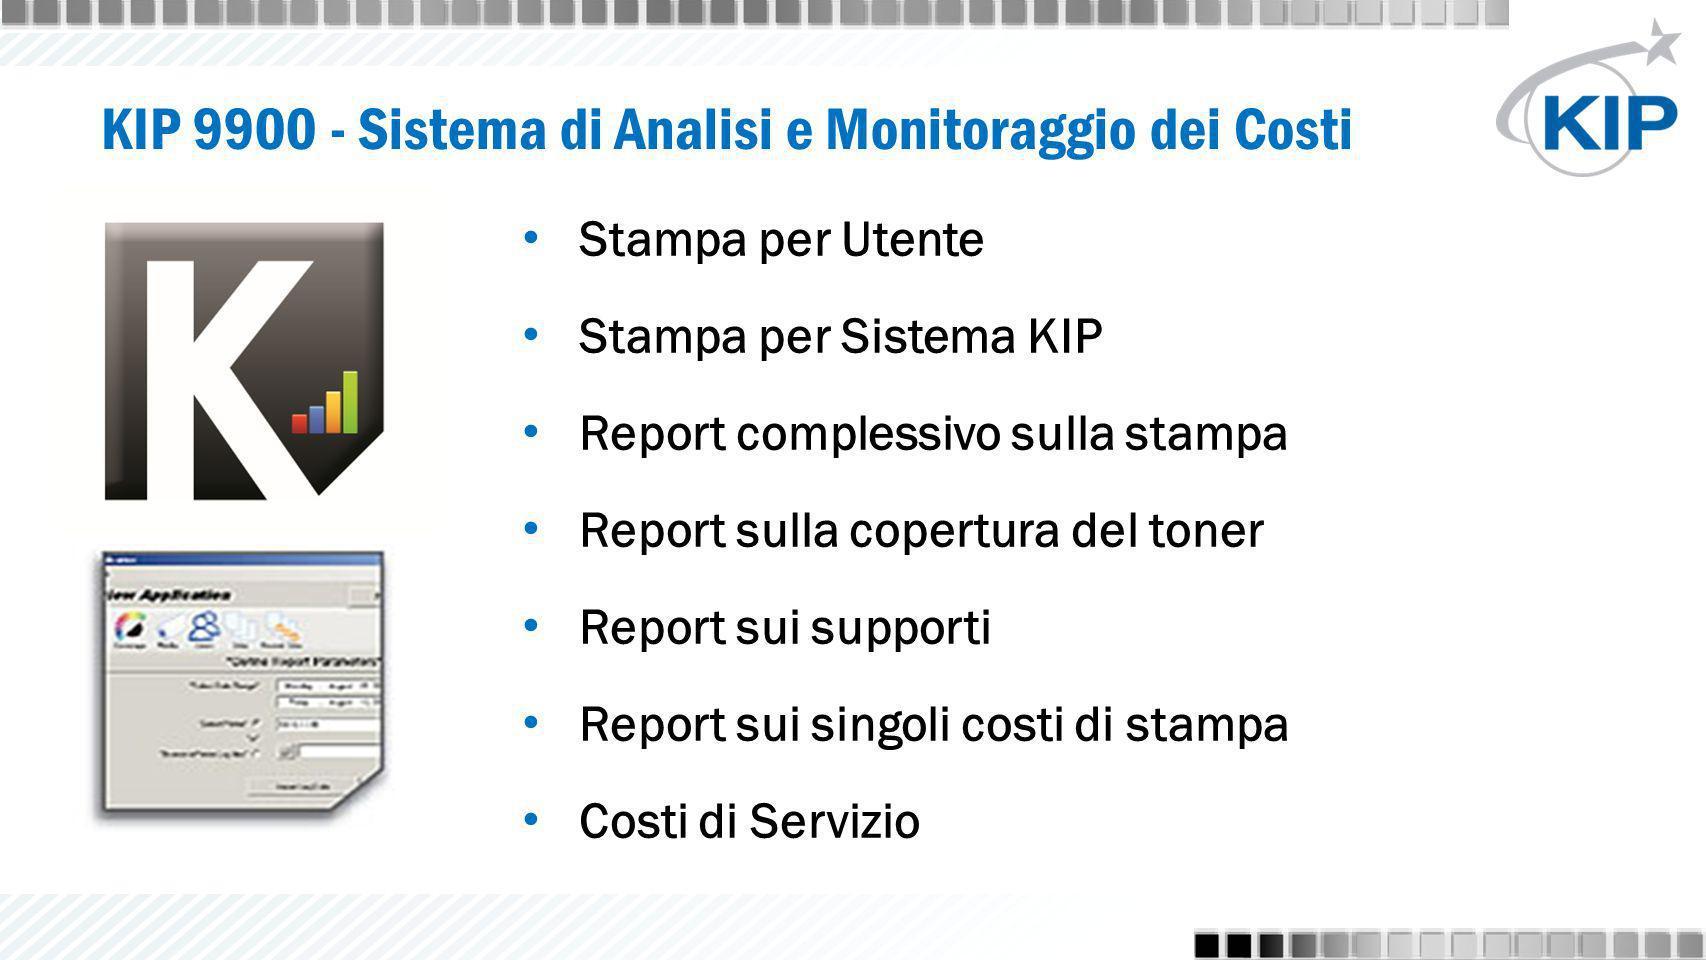 Stampa per Utente Stampa per Sistema KIP Report complessivo sulla stampa Report sulla copertura del toner Report sui supporti Report sui singoli costi di stampa Costi di Servizio